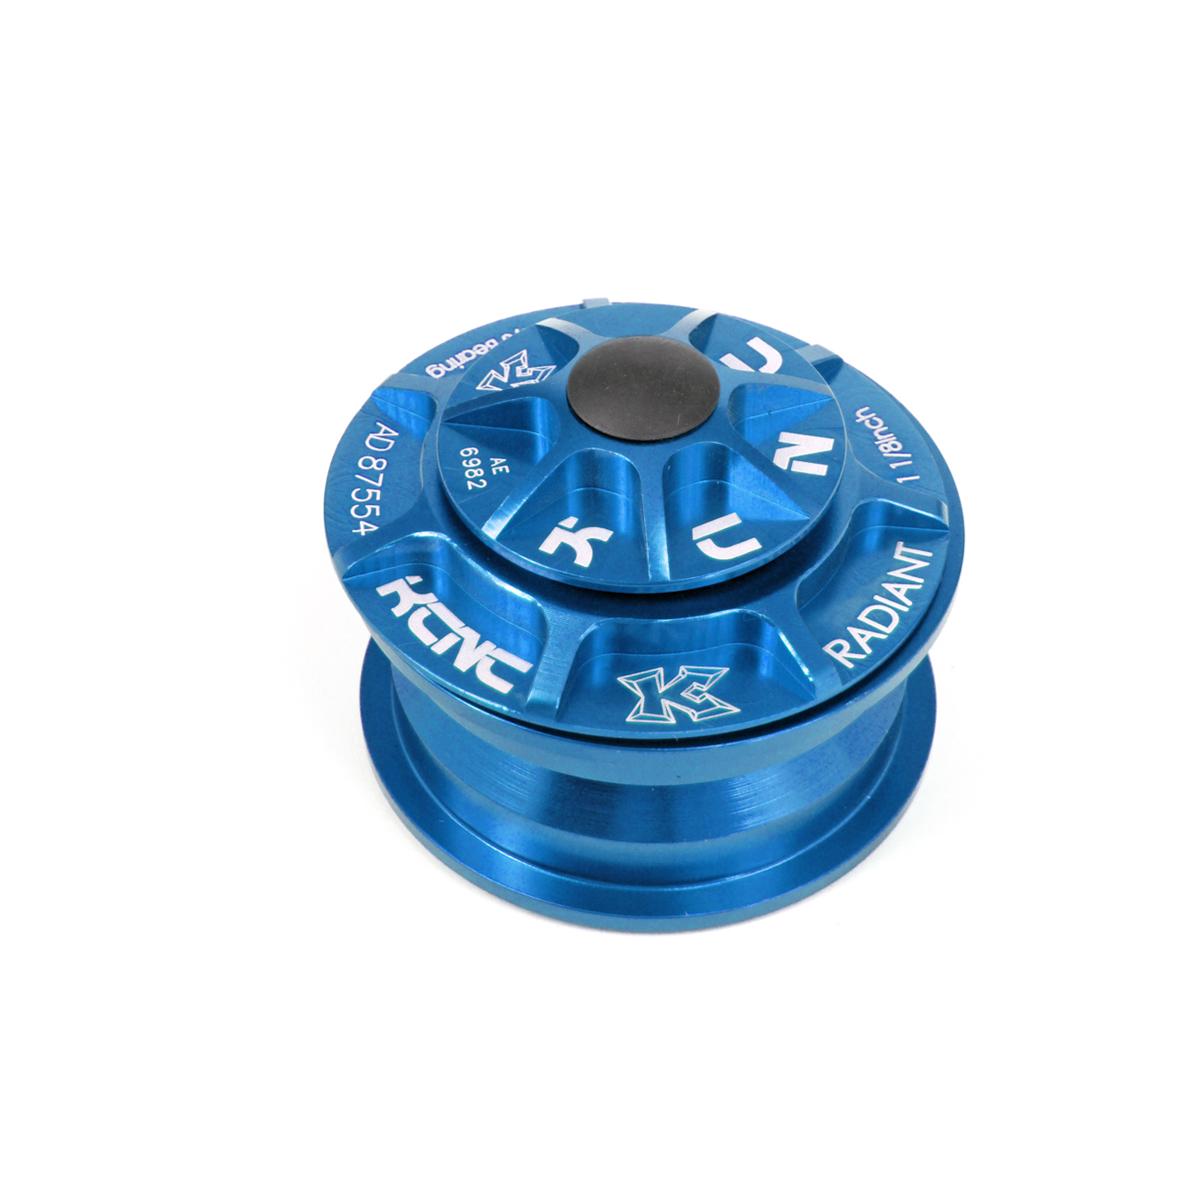 Jeu de direction semi-intégré headset KCNC Radiant R2 bleu